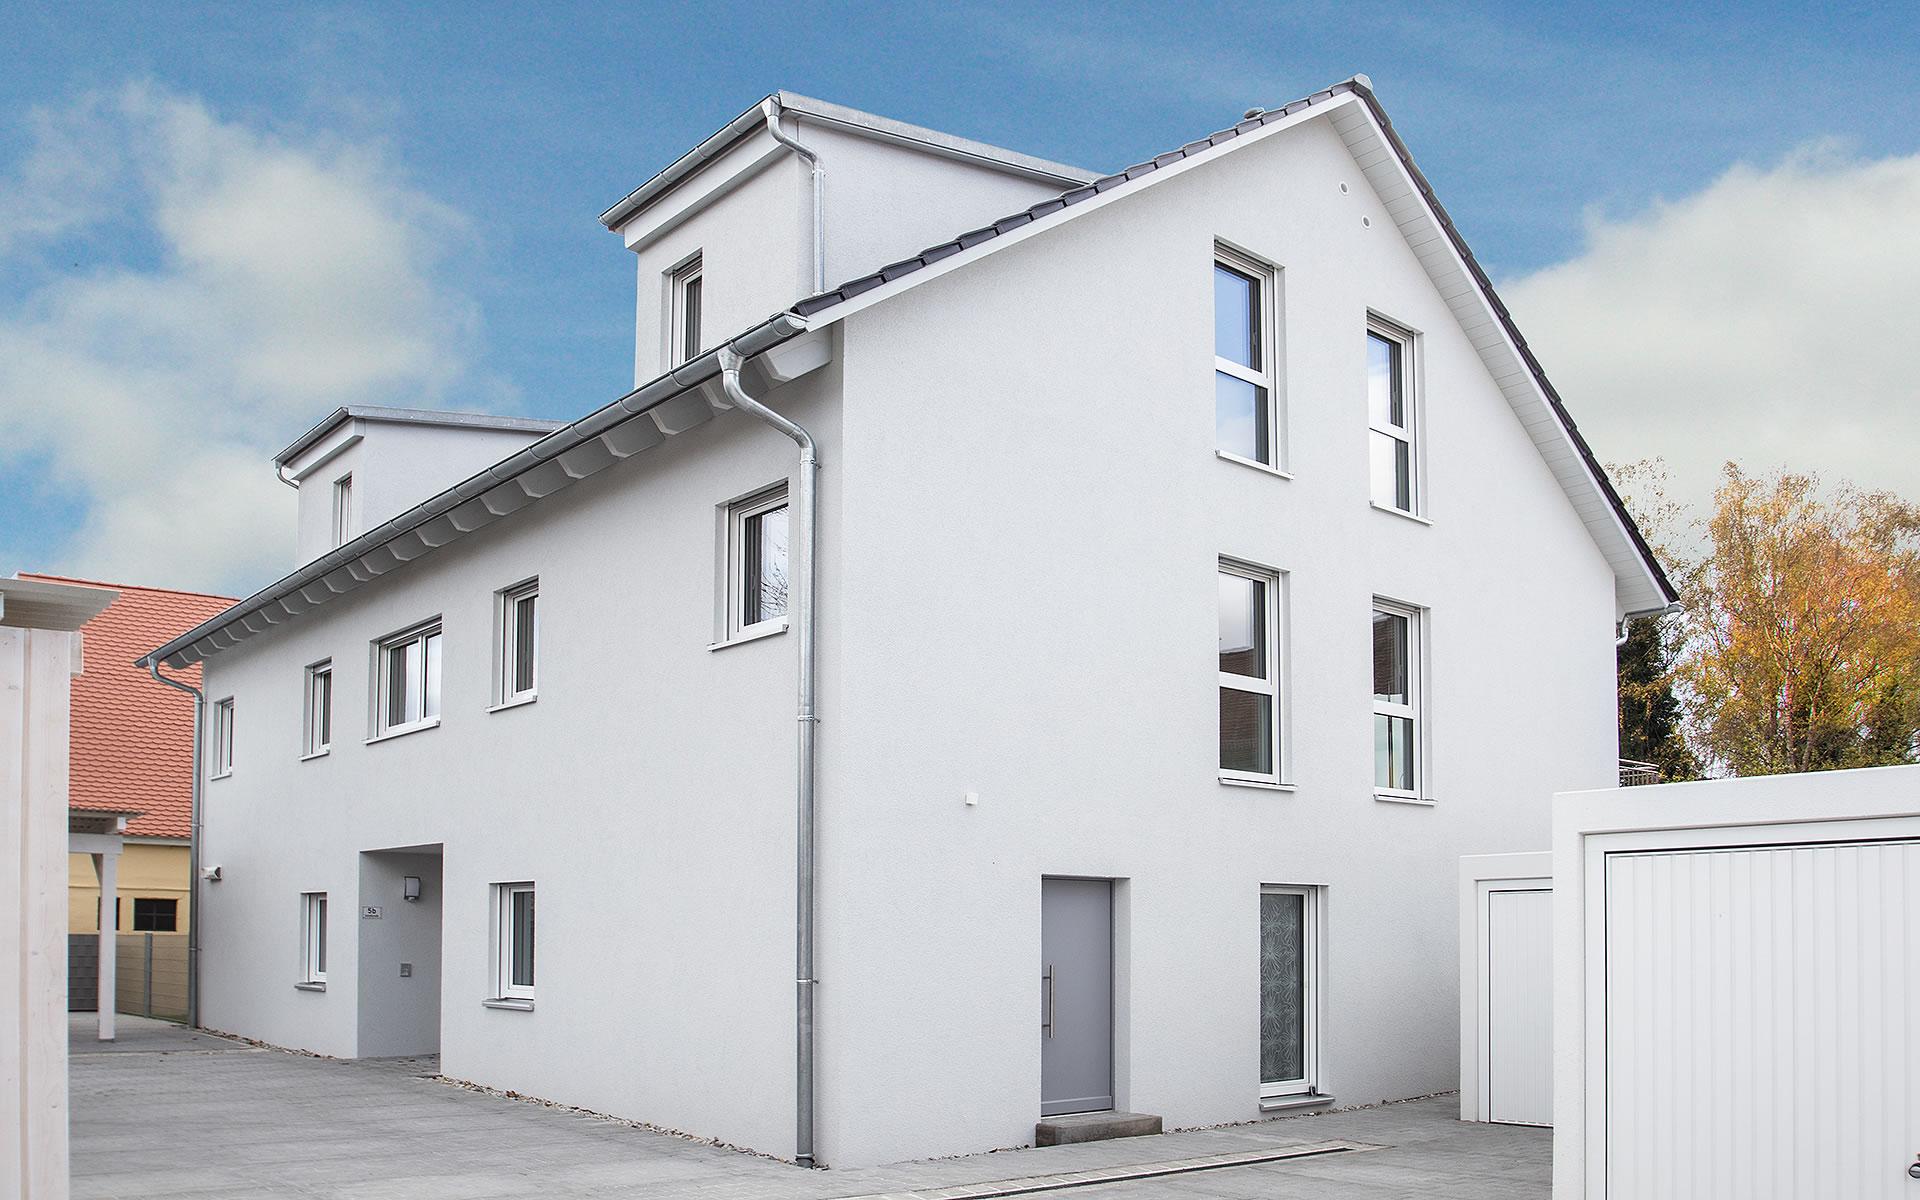 Dreifamilienhaus 324 von FischerHaus GmbH & Co. KG